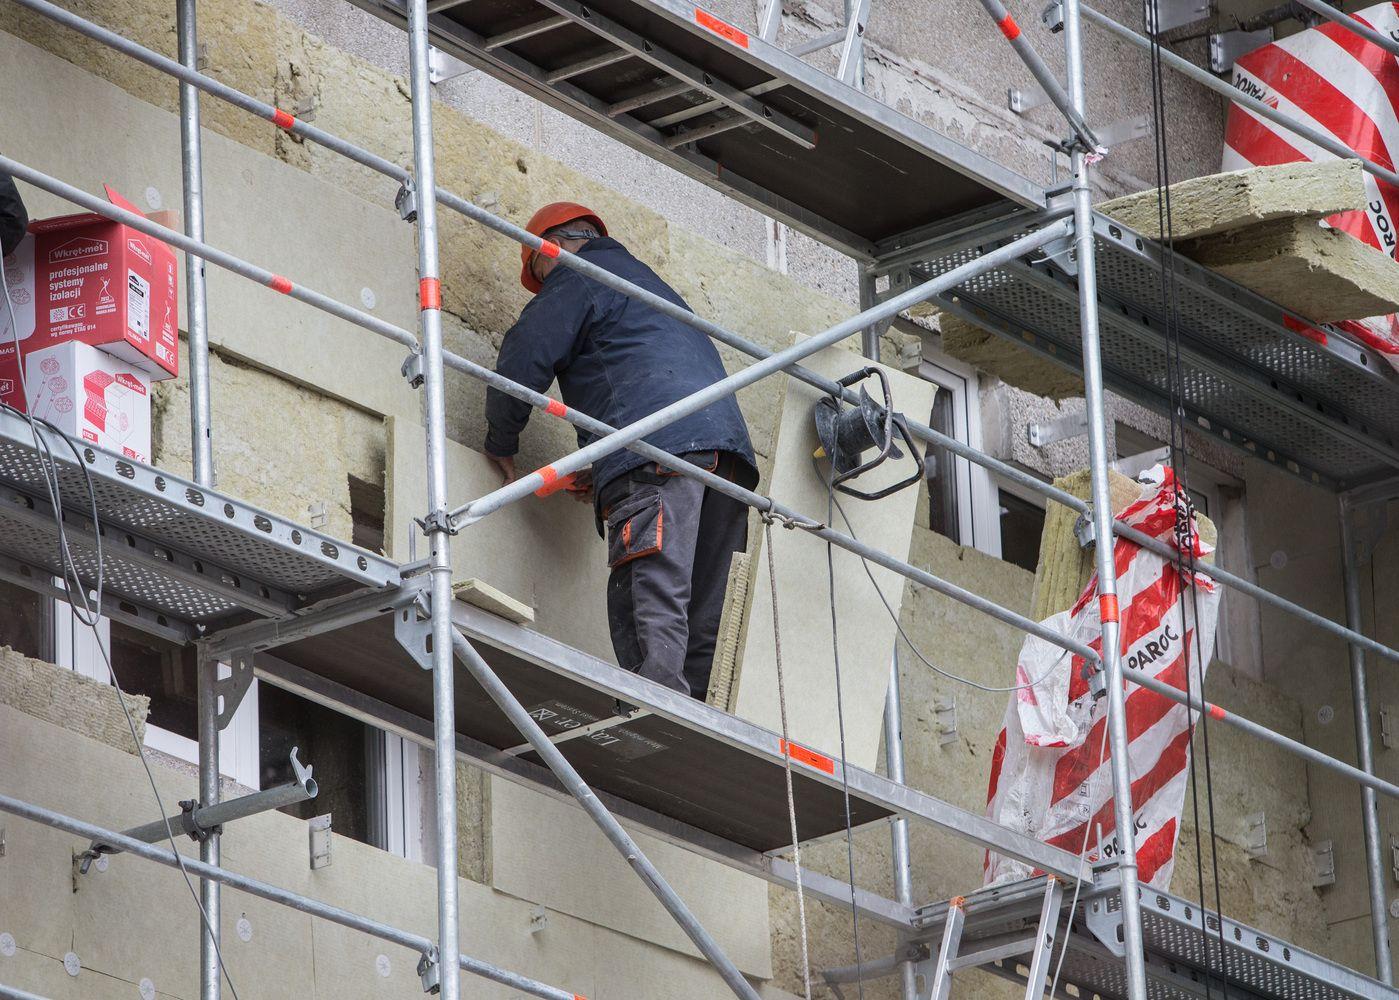 Butų savininkų motyvai modernizuoti būstą – ne vien ekonominiai